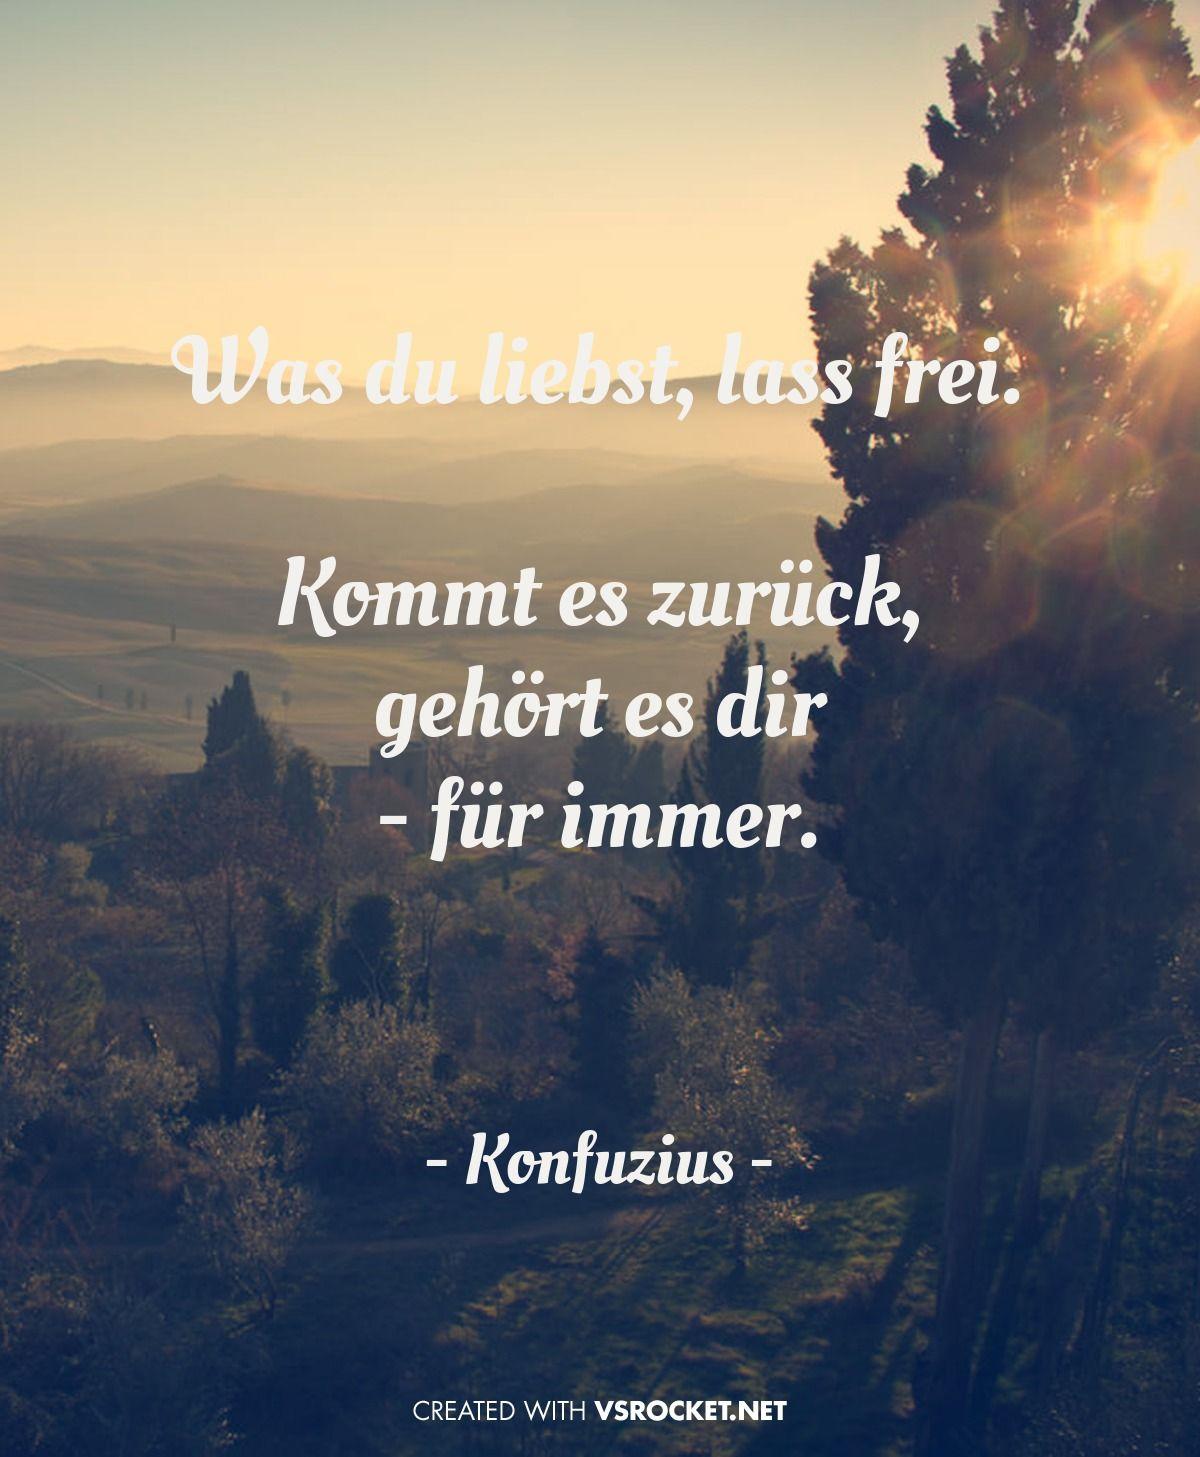 Spruche Fur Vergangene Liebe.Liebe Visualstatement Quote Zitate Spruche Und